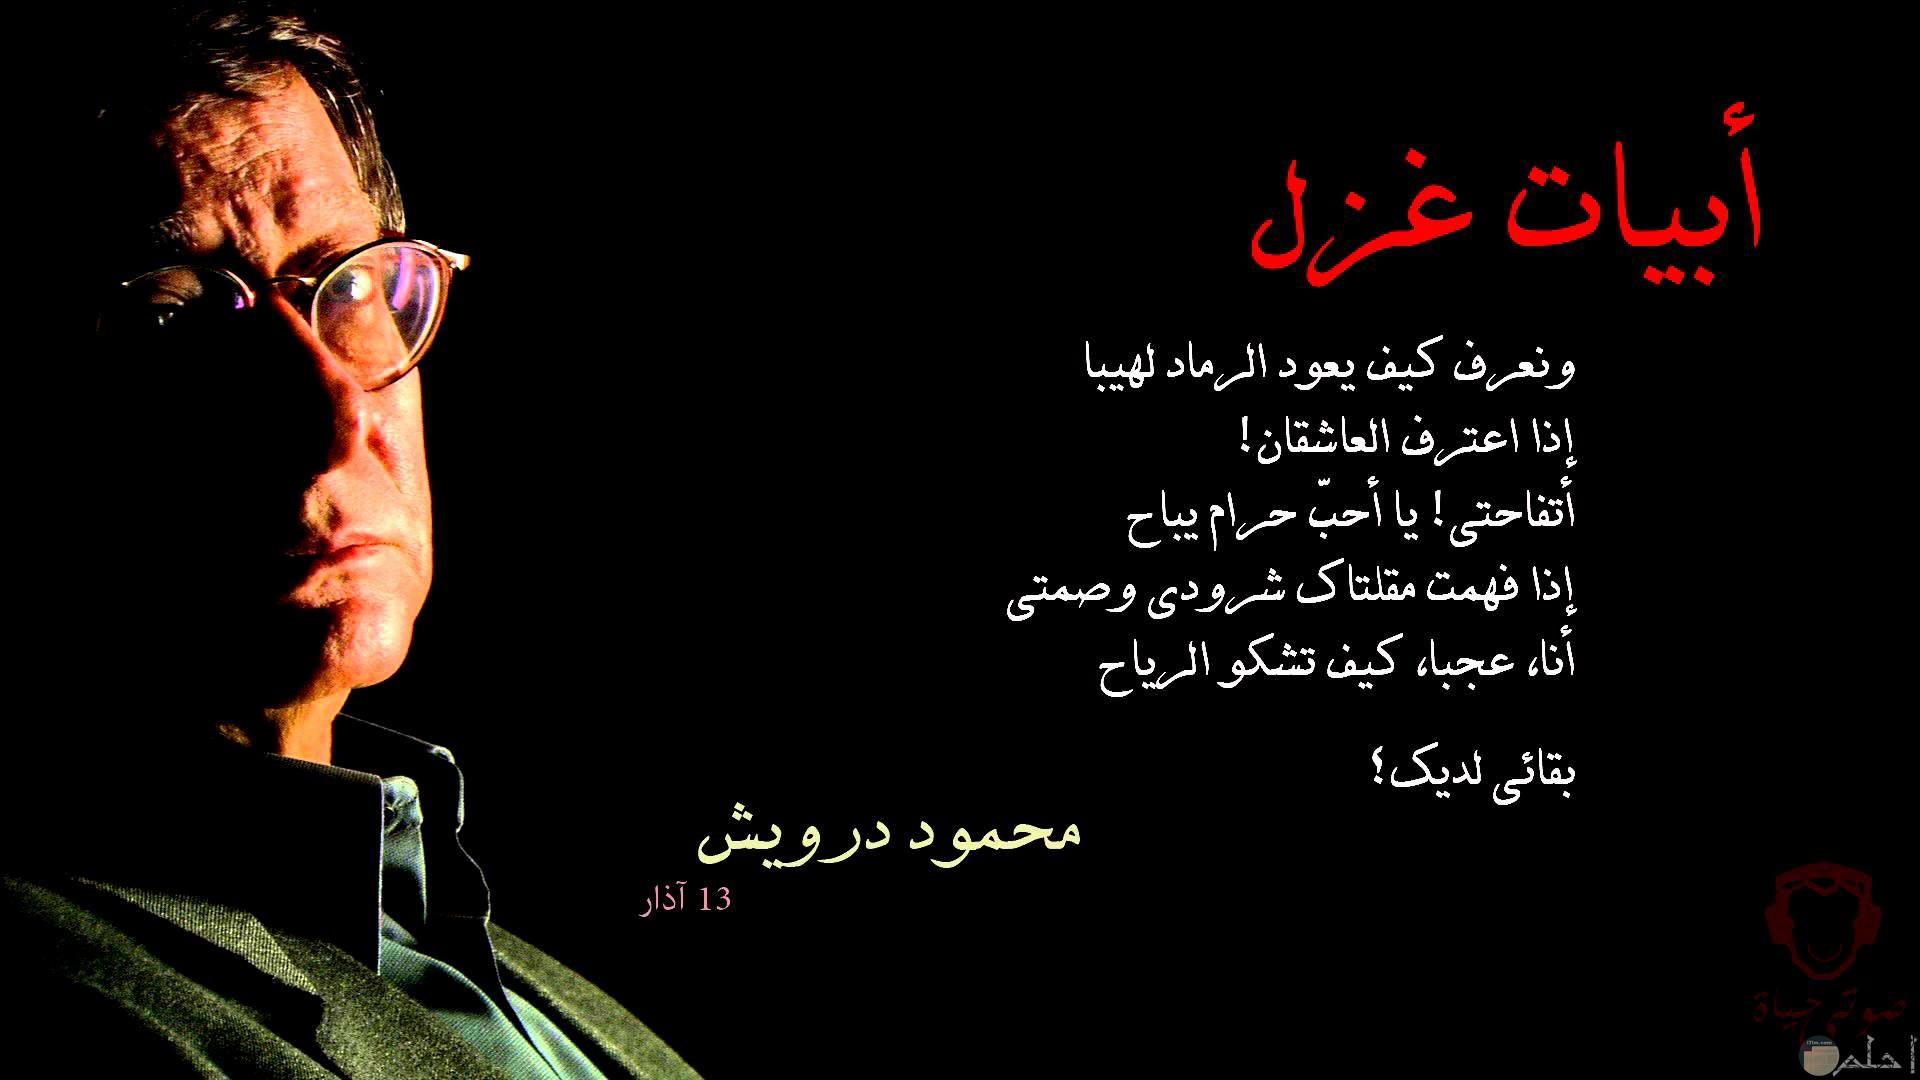 شعر غزل - محمود درويش.